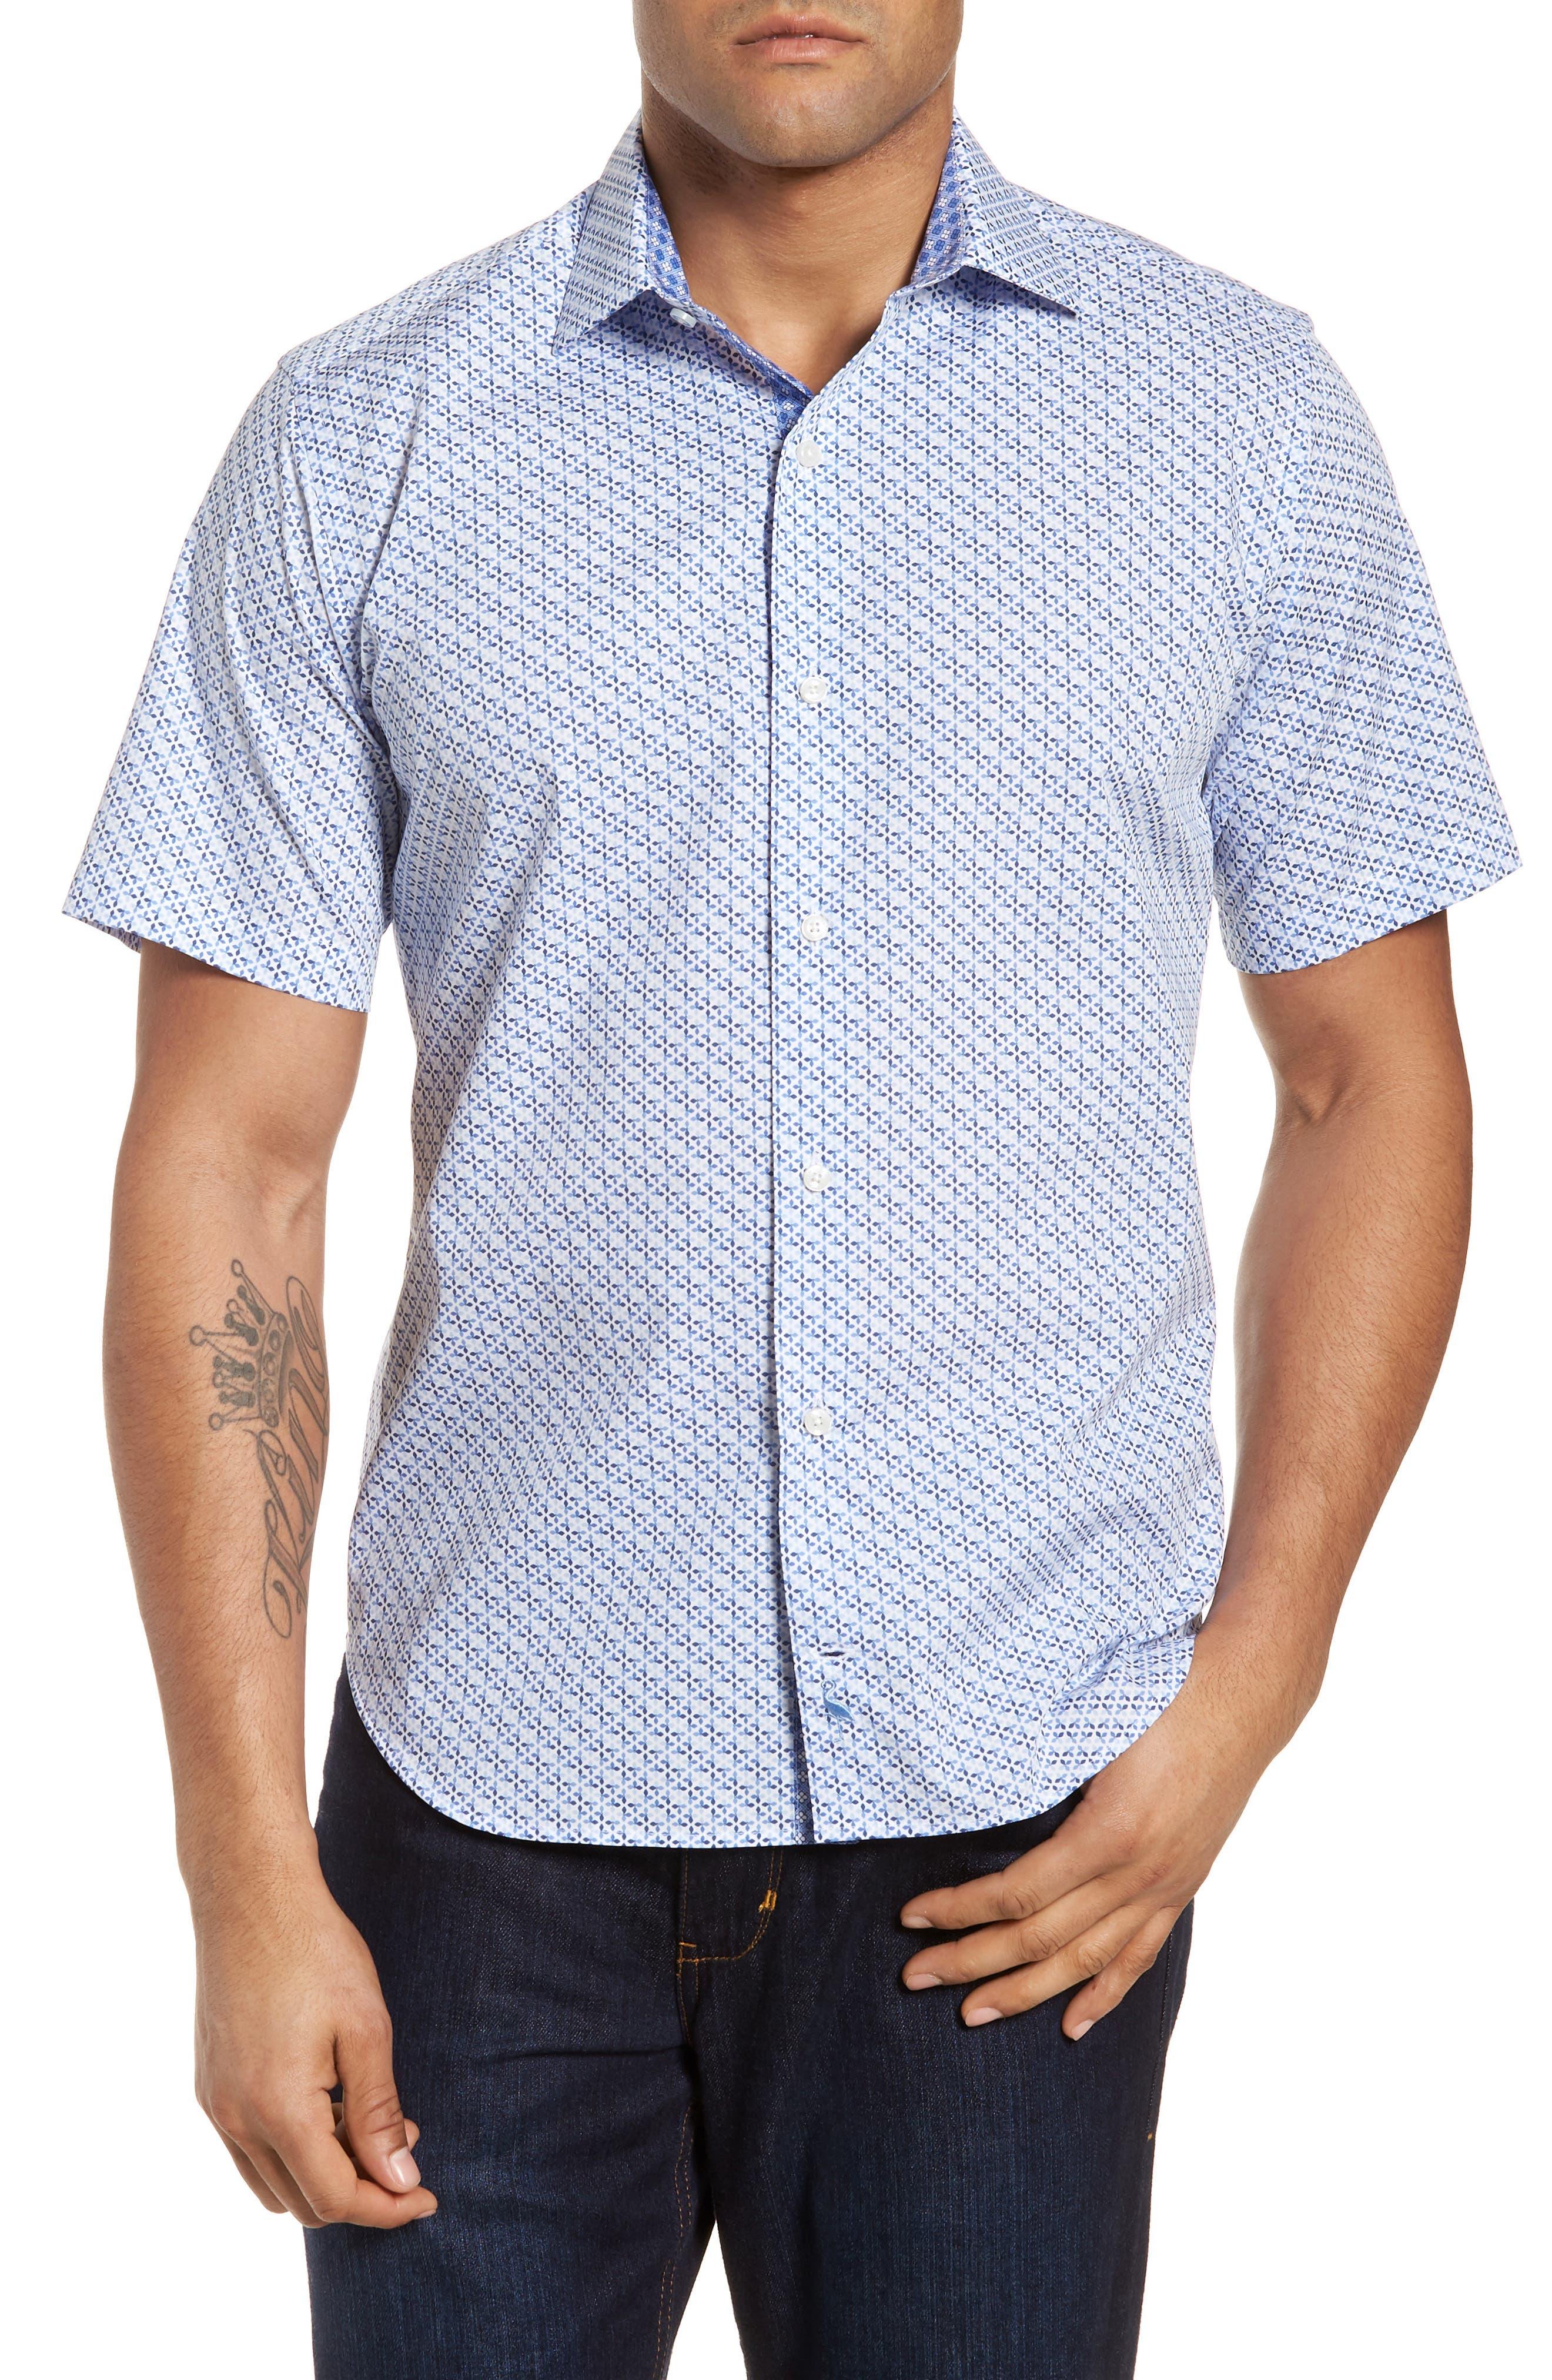 Shiloh Regular Fit Print Sport Shirt,                             Main thumbnail 1, color,                             Light Blue